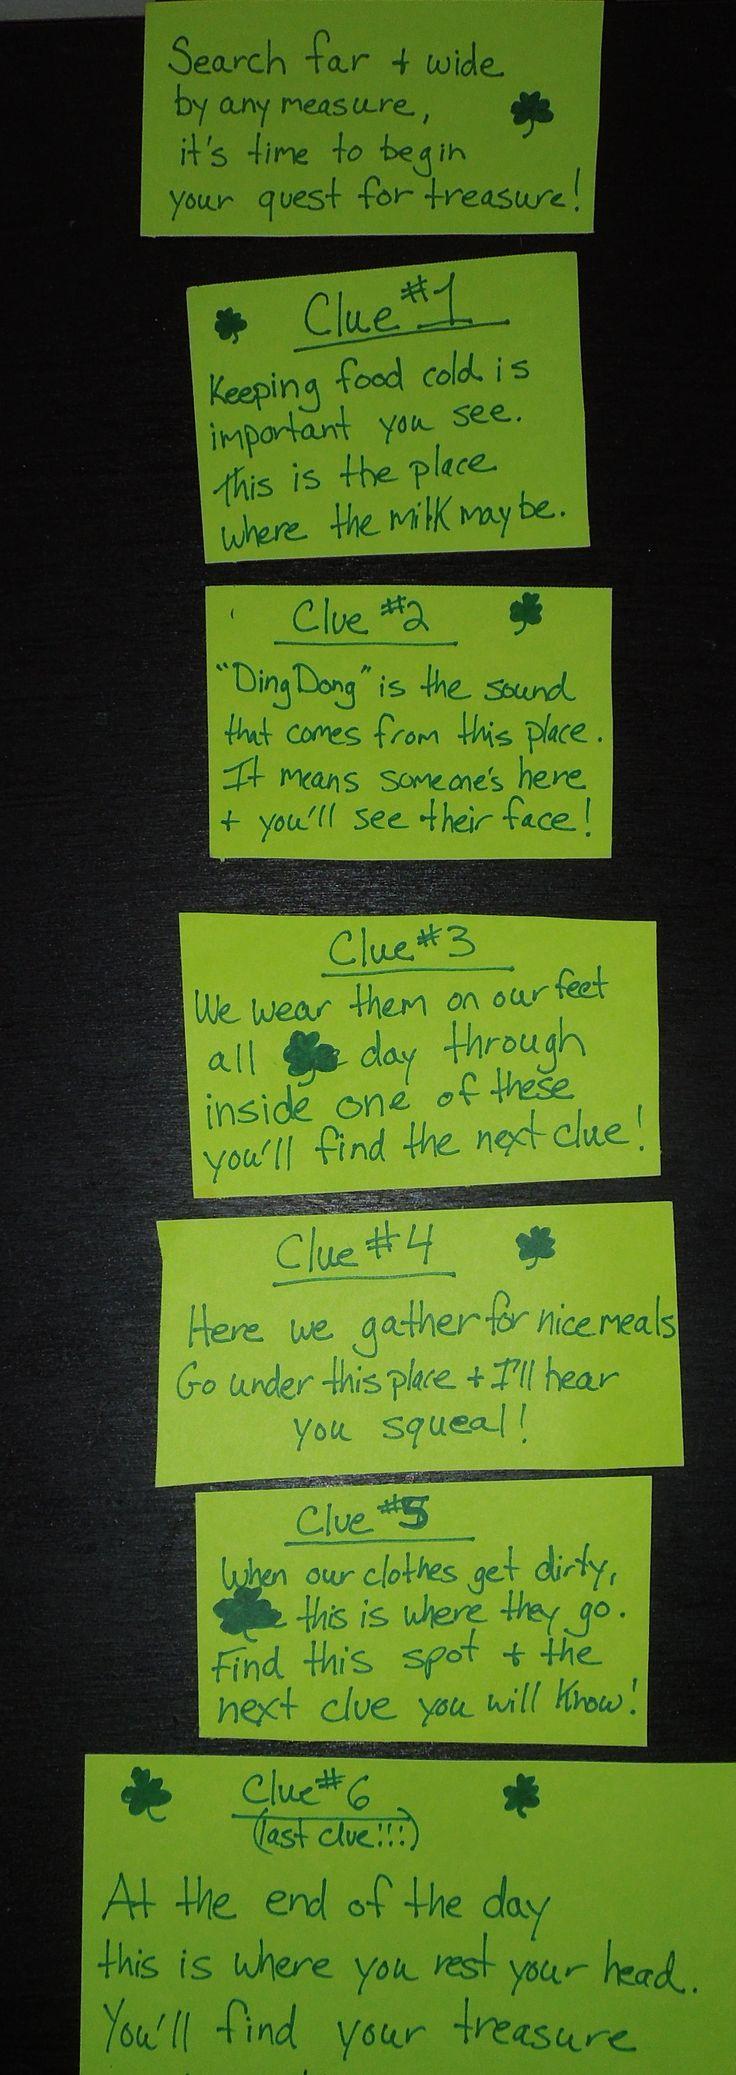 http://blog.playdrhutch.com/wp-content/uploads/blog.playdrhutch.com/2012/03/DSCN1041.jpg